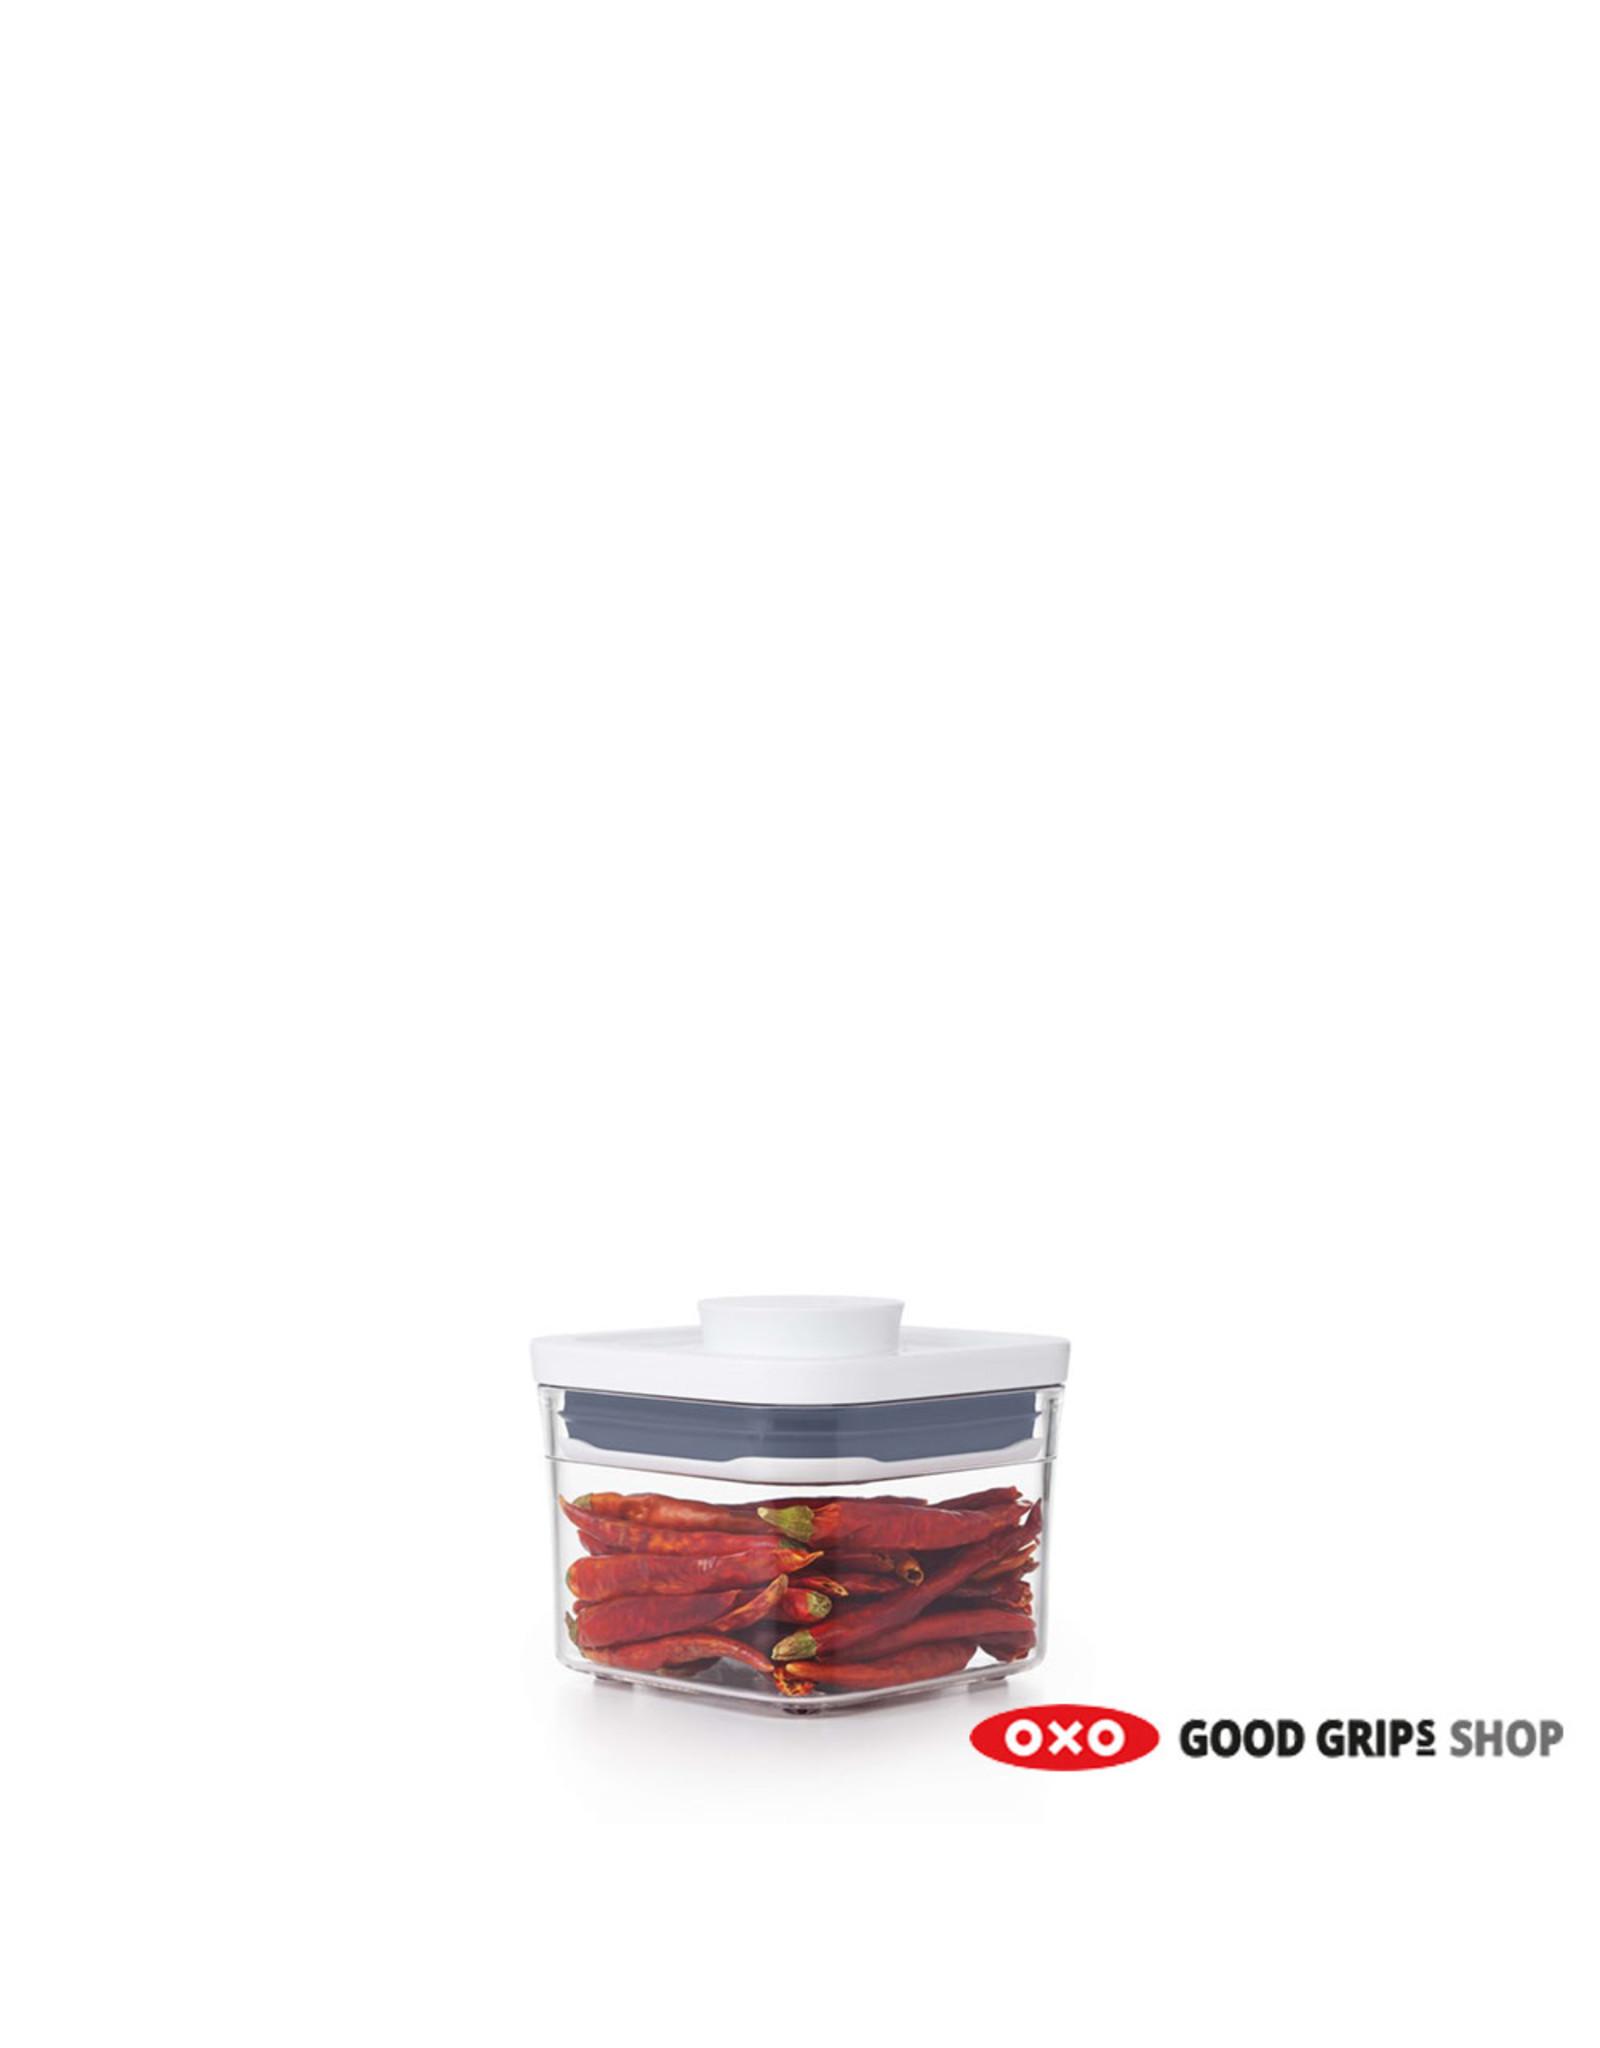 oxo OXO. POP 2.0 Klein vierkant mini, 0,4 liter